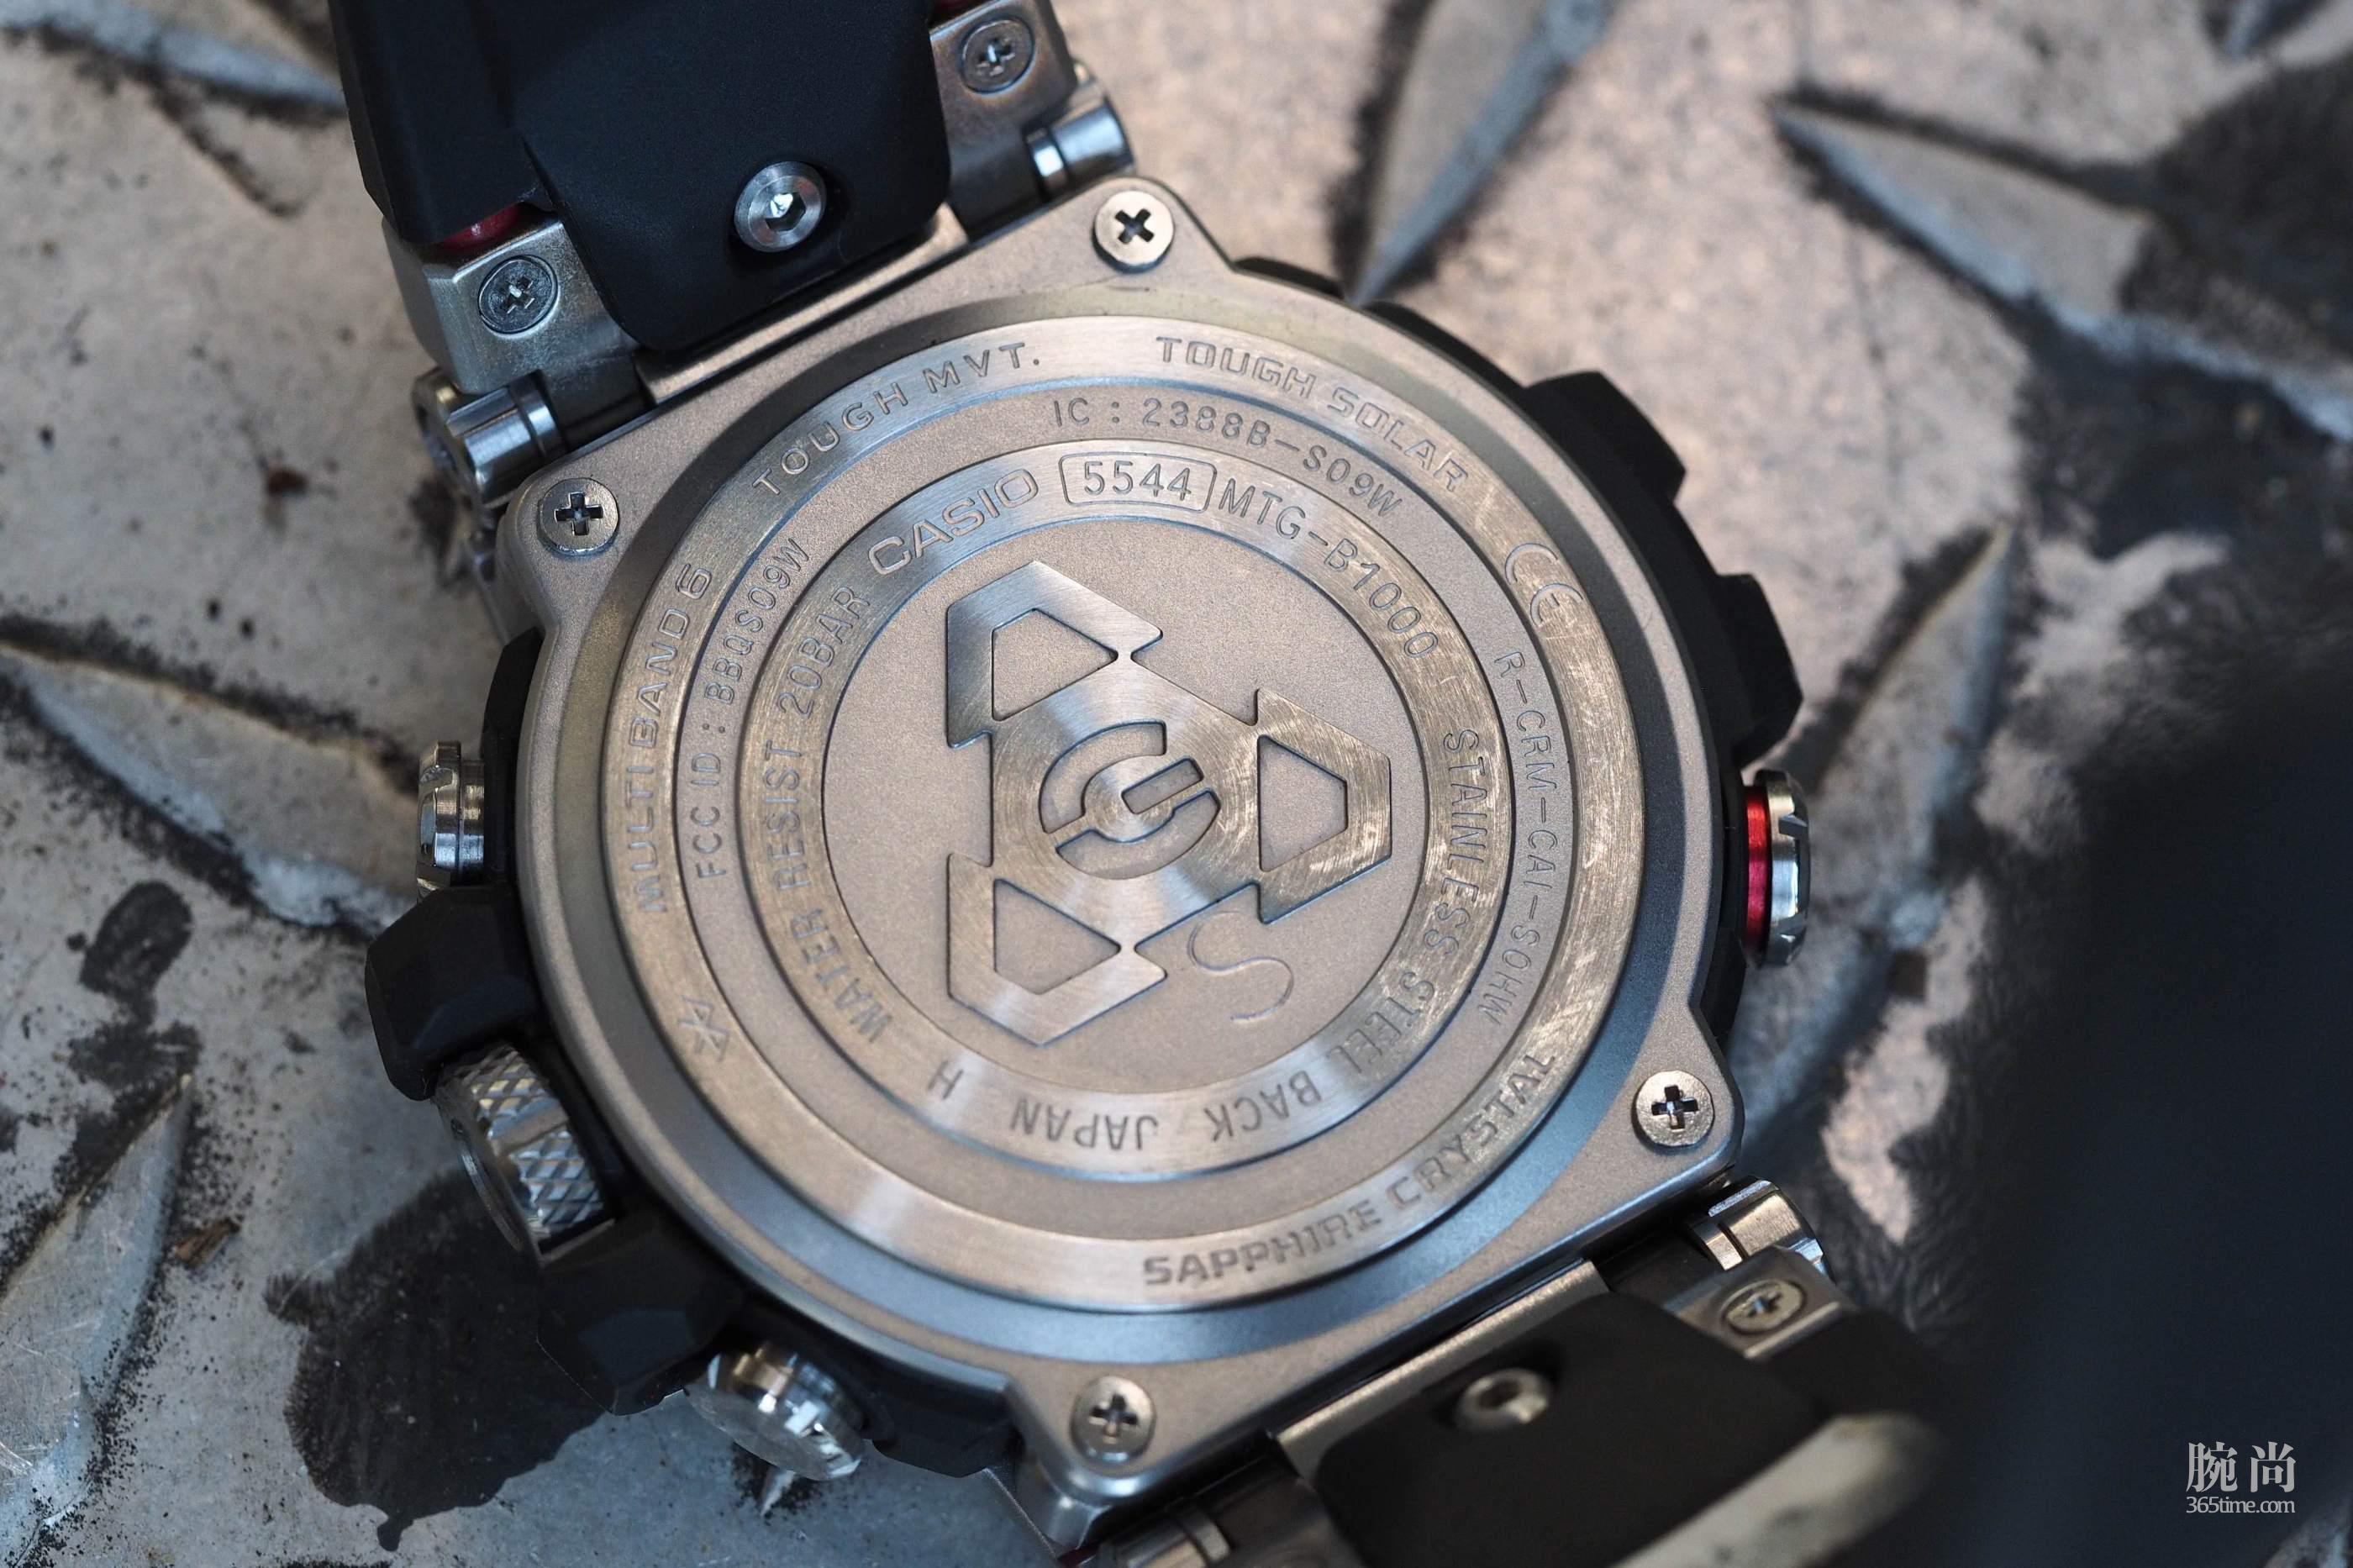 Casio-G-Shock-MTGB1000-1A-caseback.jpg